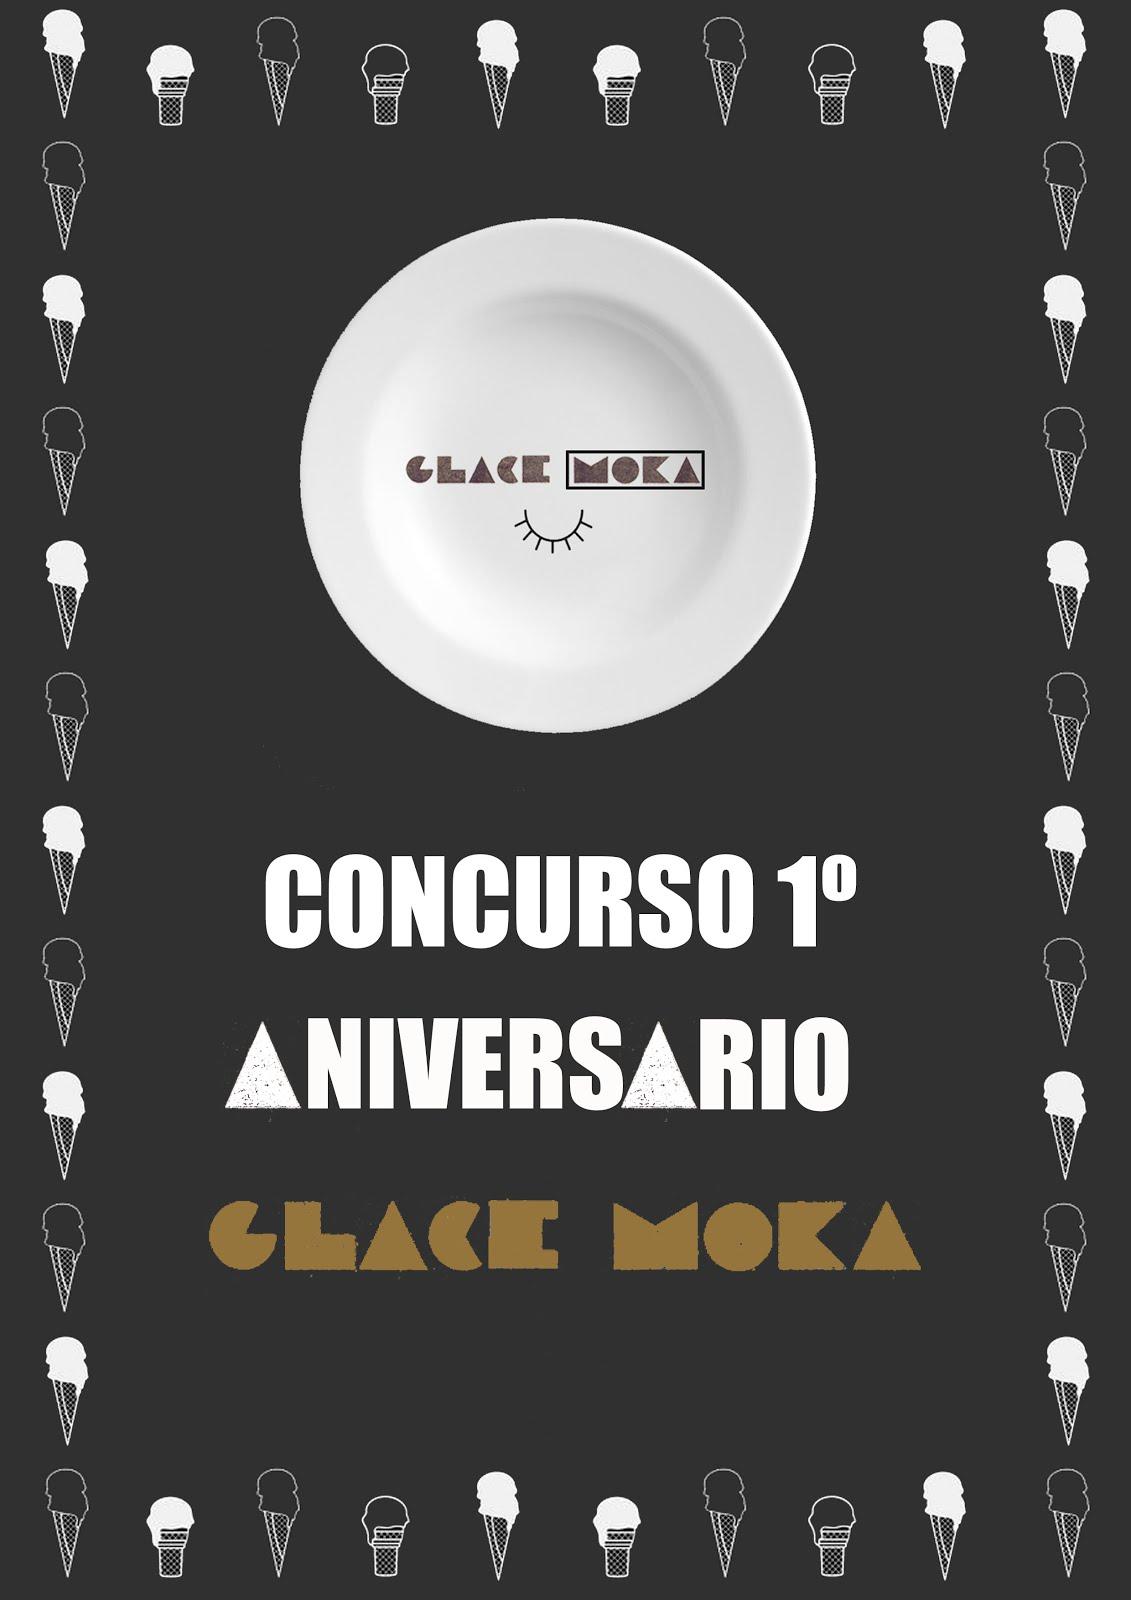 CONCURSO 1º ANIVERSARIO GLACE MOKA